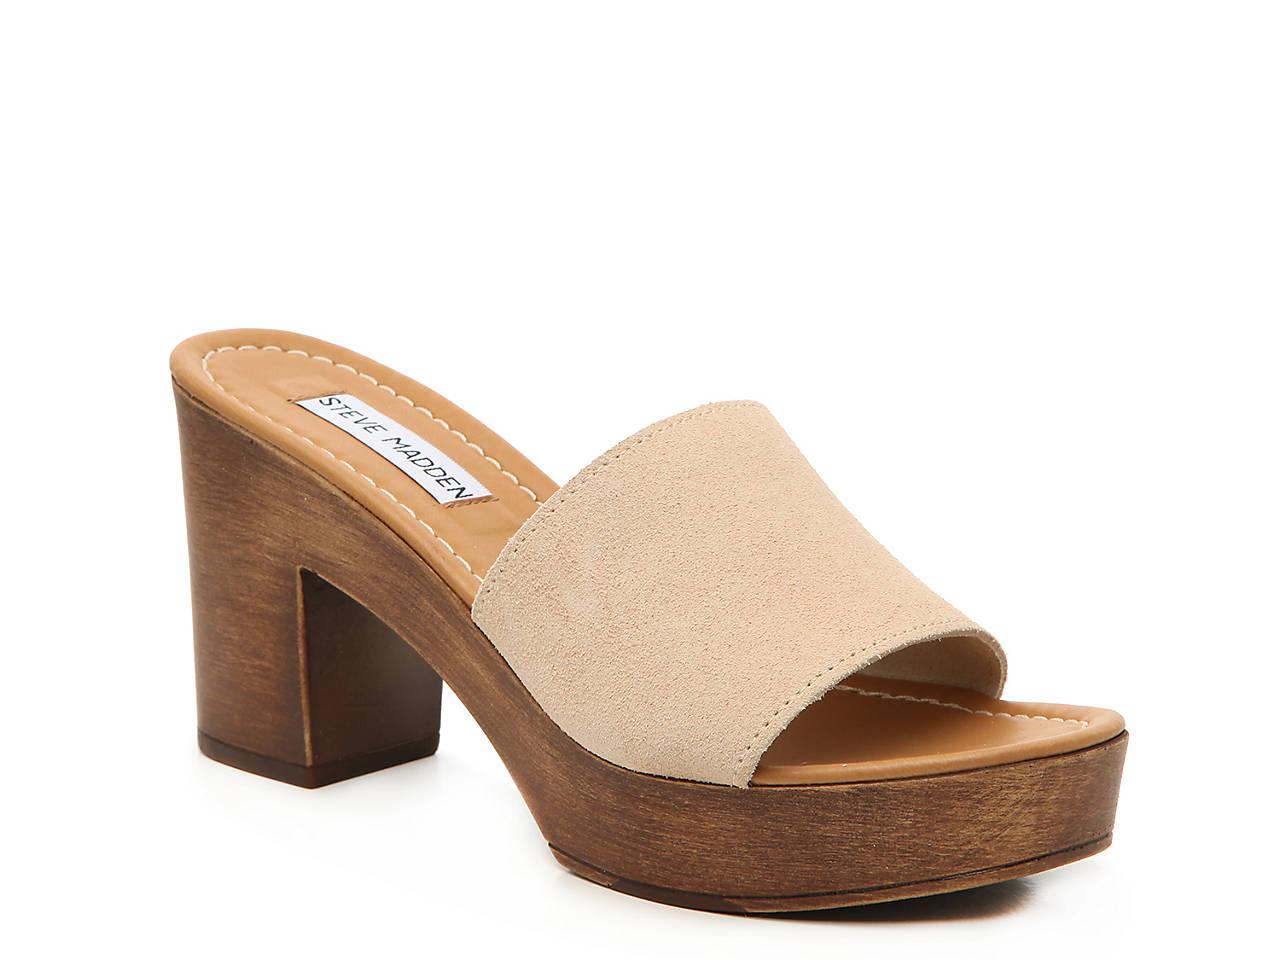 c9c914838a3 Fran Platform Sandal